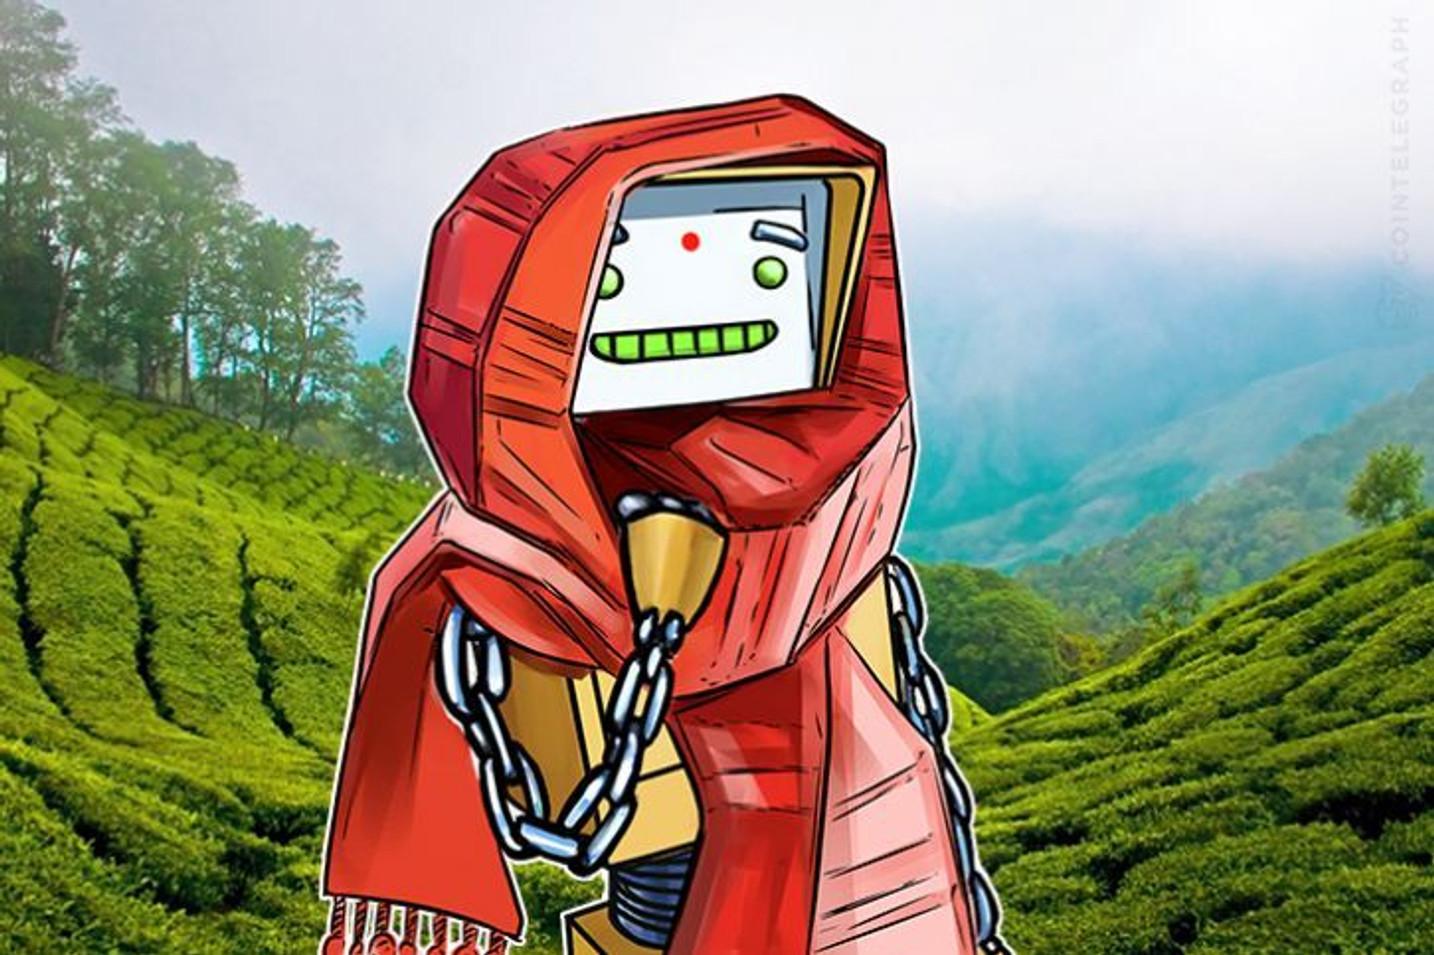 Indiens Silicon Valley beginnt Partnerschaft mit Covalent Fund, 'größter Blockchain Ledger' geplant